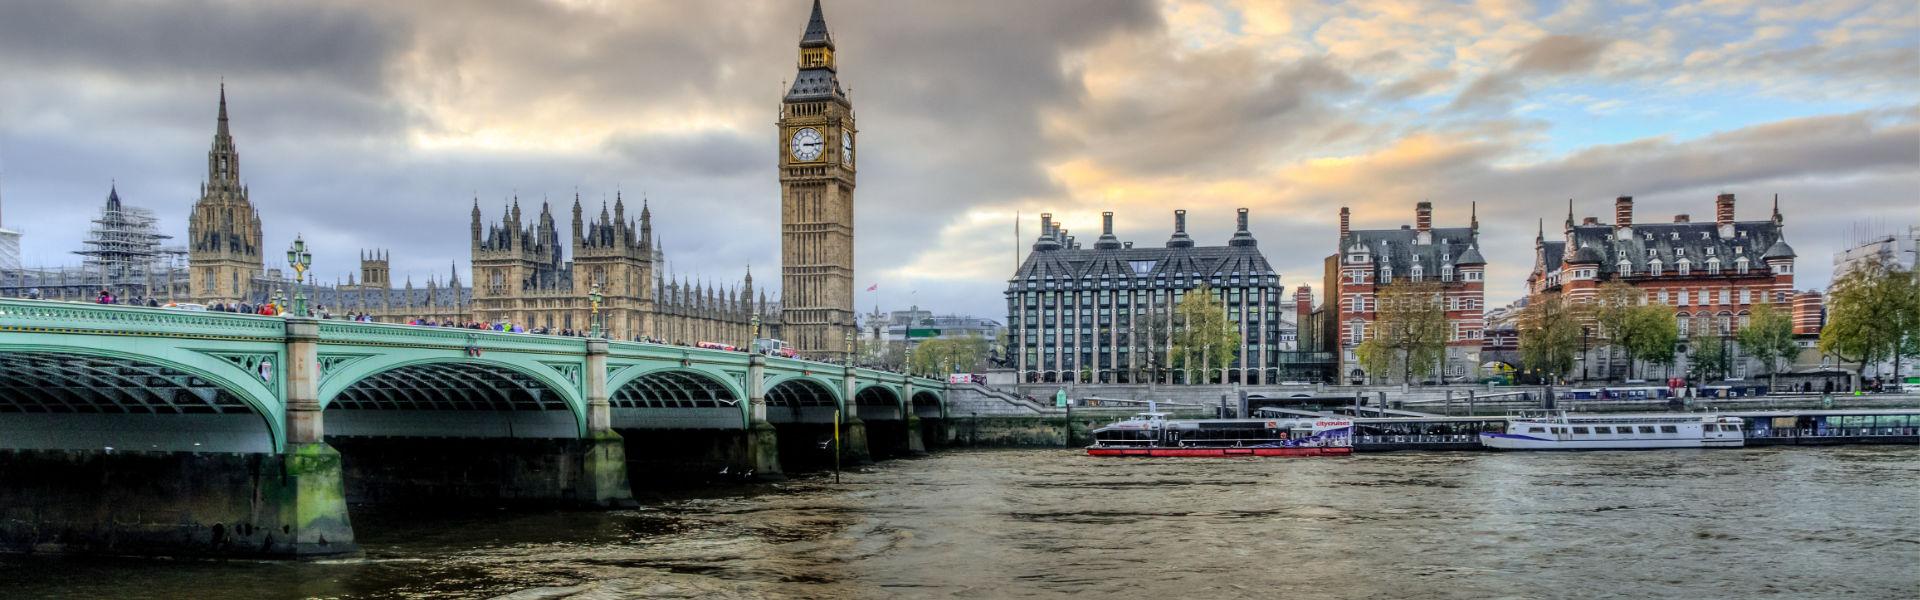 Big Ben London Skyline